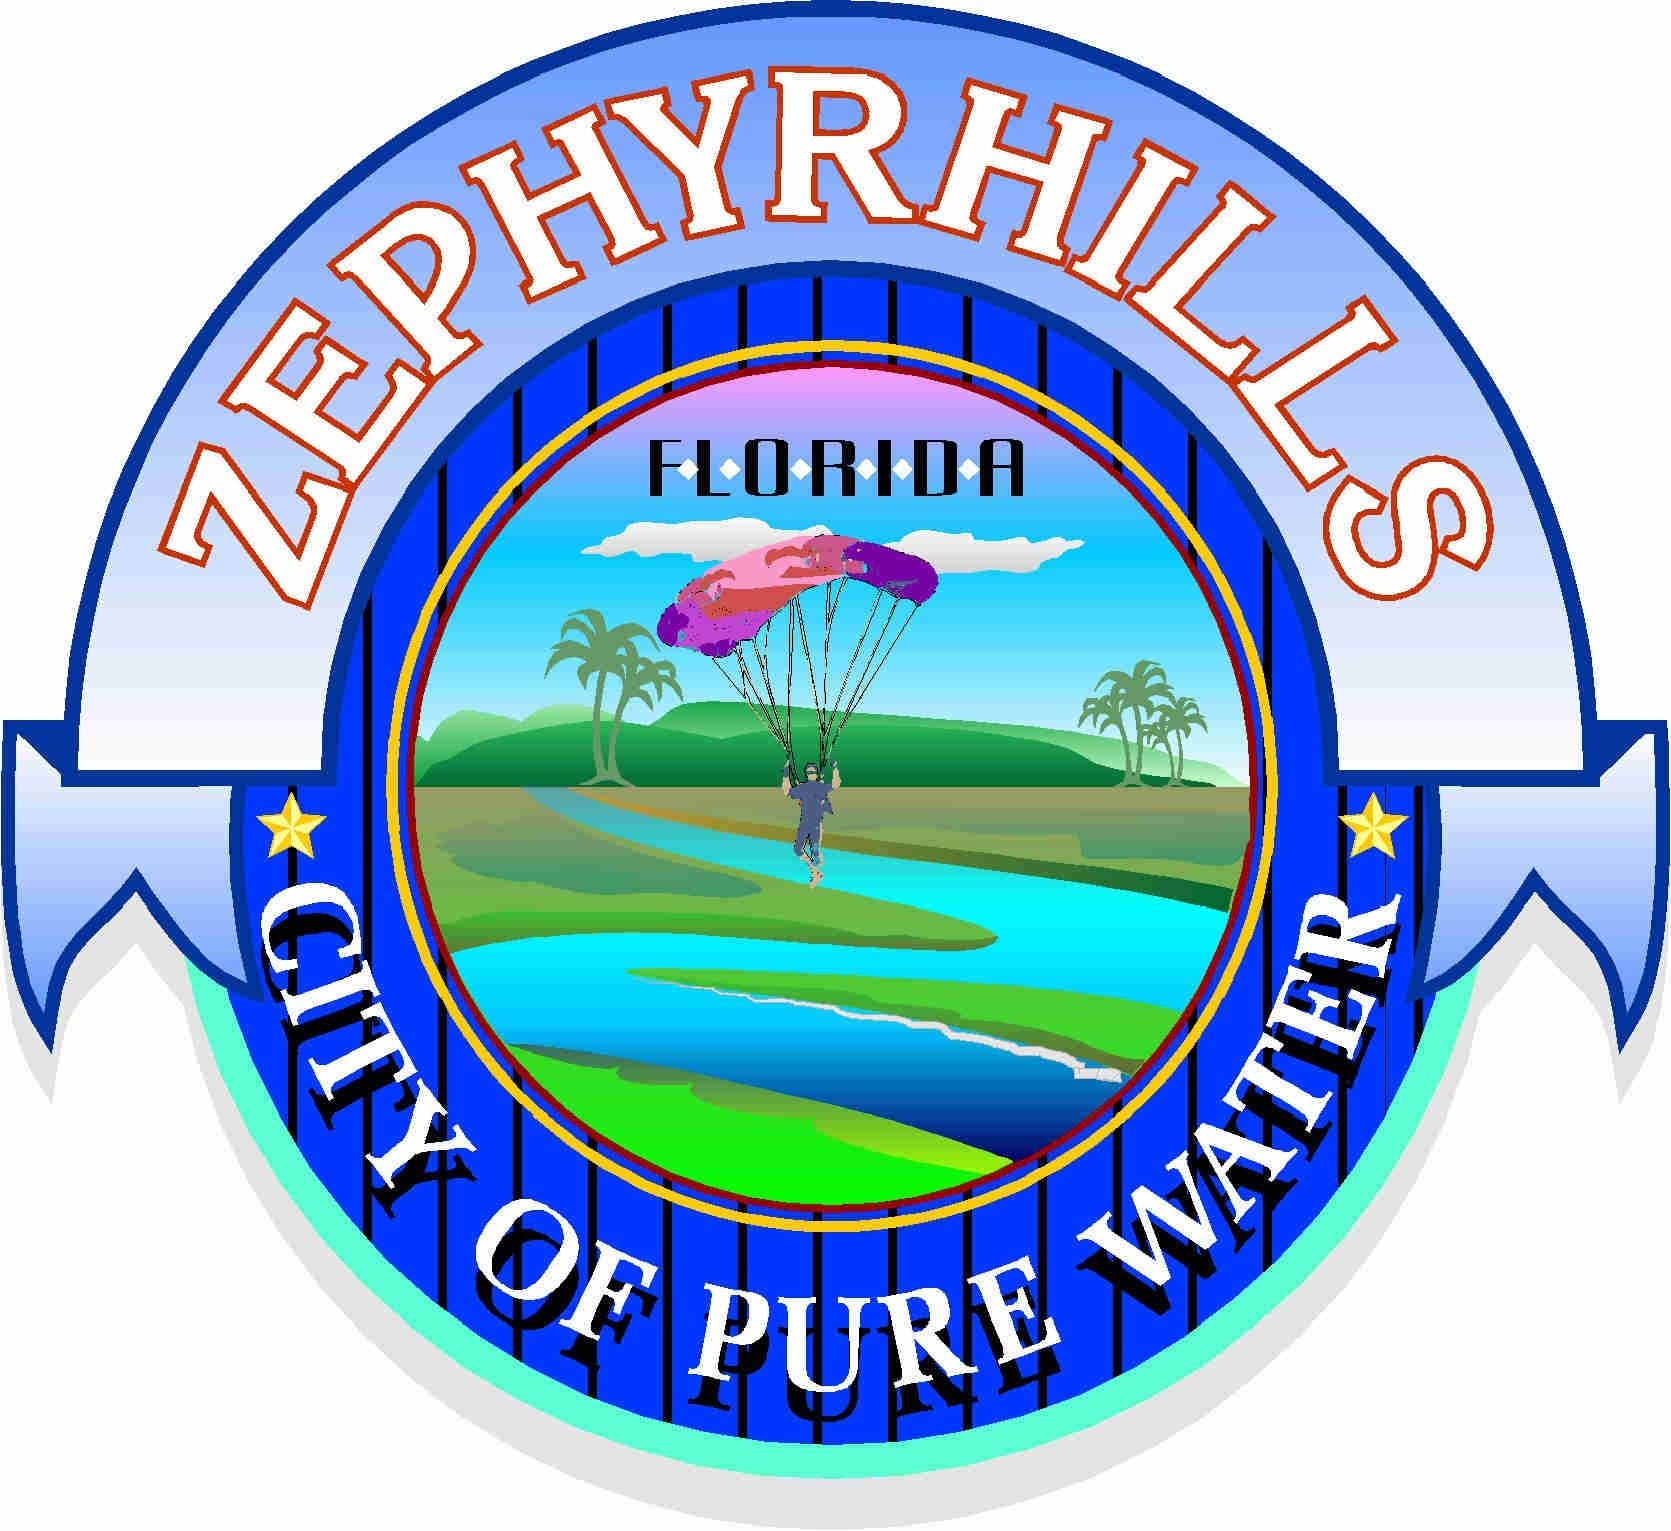 City of Zephyrhills Building Department